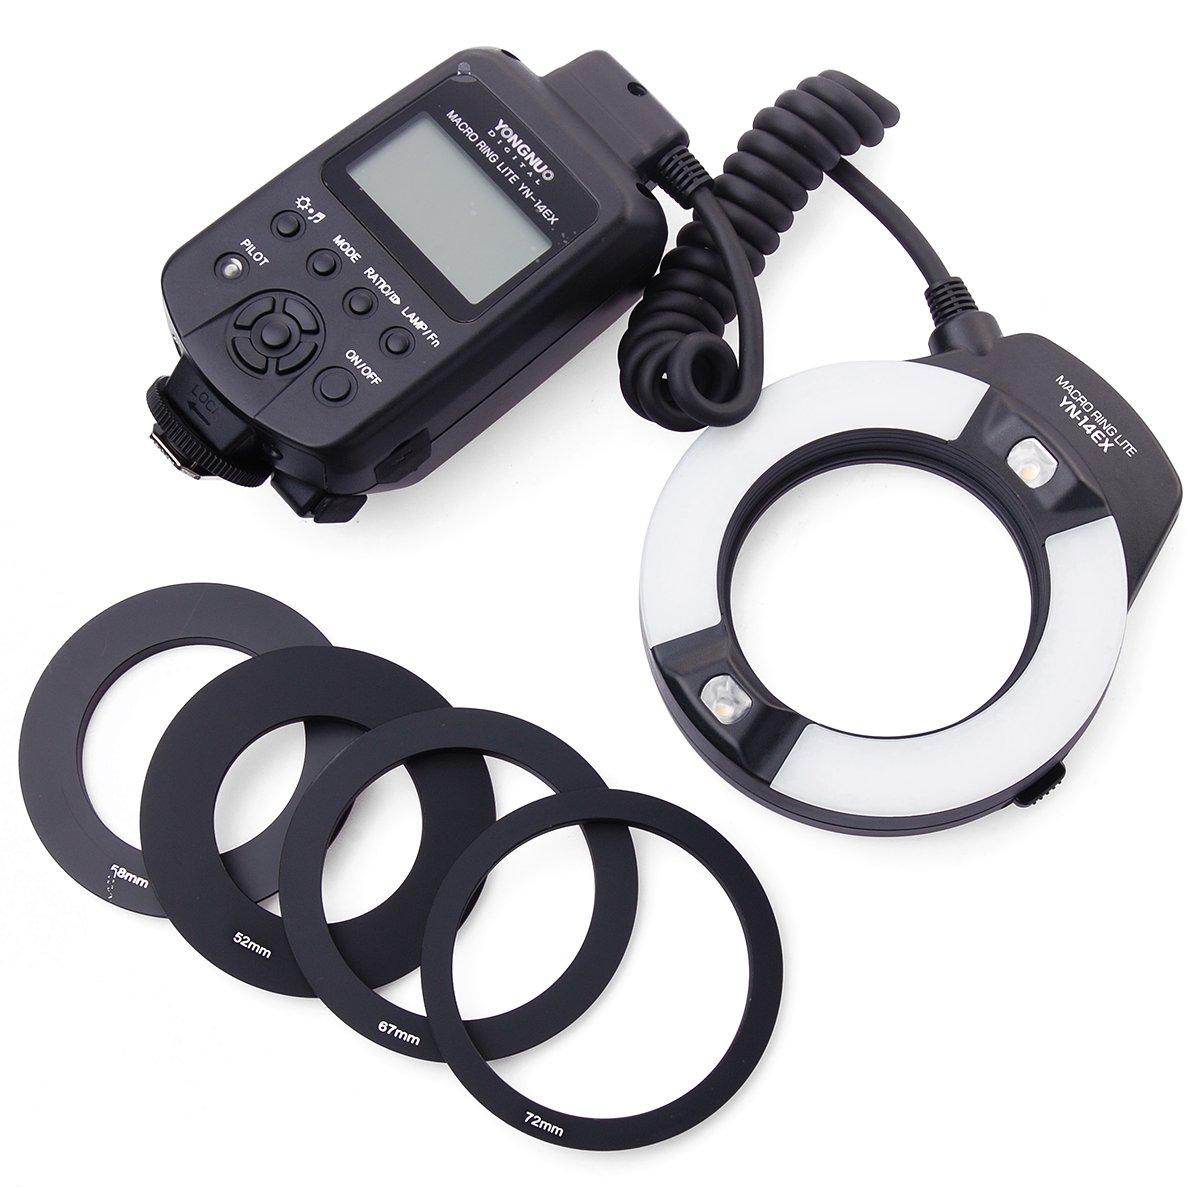 YN-14EX Macro Ring TTL Flash Light + Adapter for Canon DSLR 6D 7D LF464 yn e3 rt ttl radio trigger speedlite transmitter as st e3 rt for canon 600ex rt new arrival